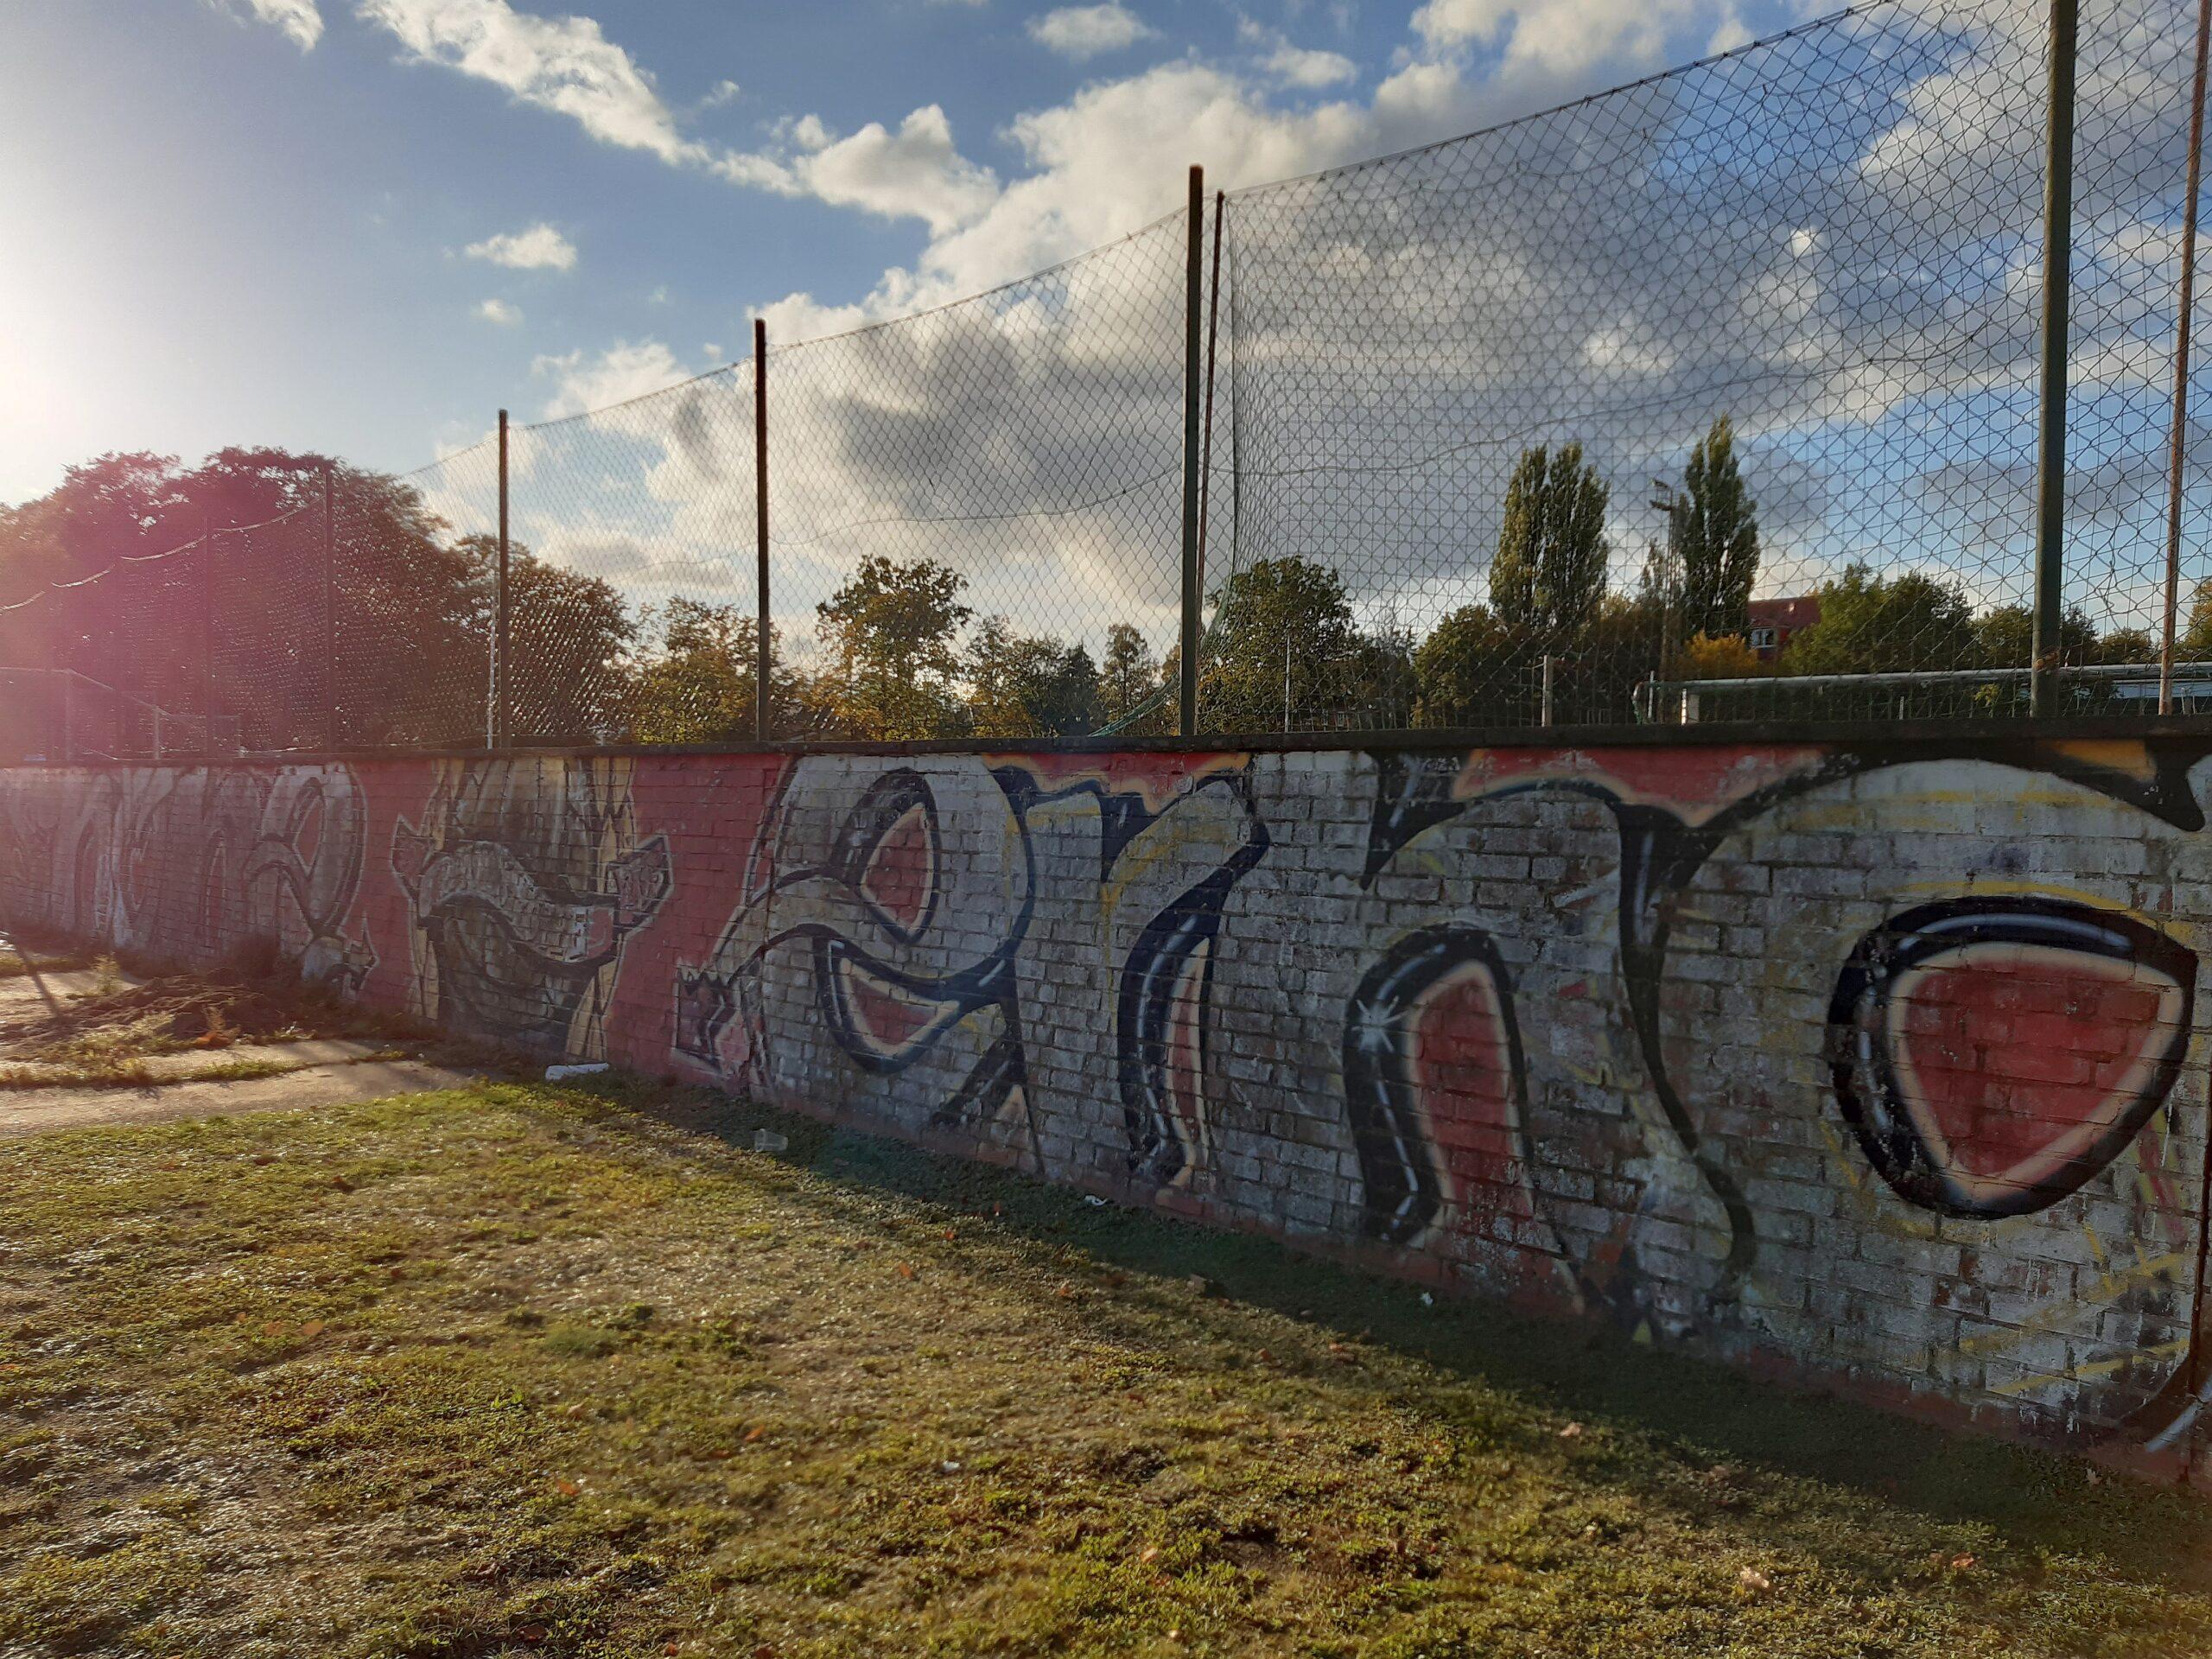 Stadionmauer an der Paulshöhe